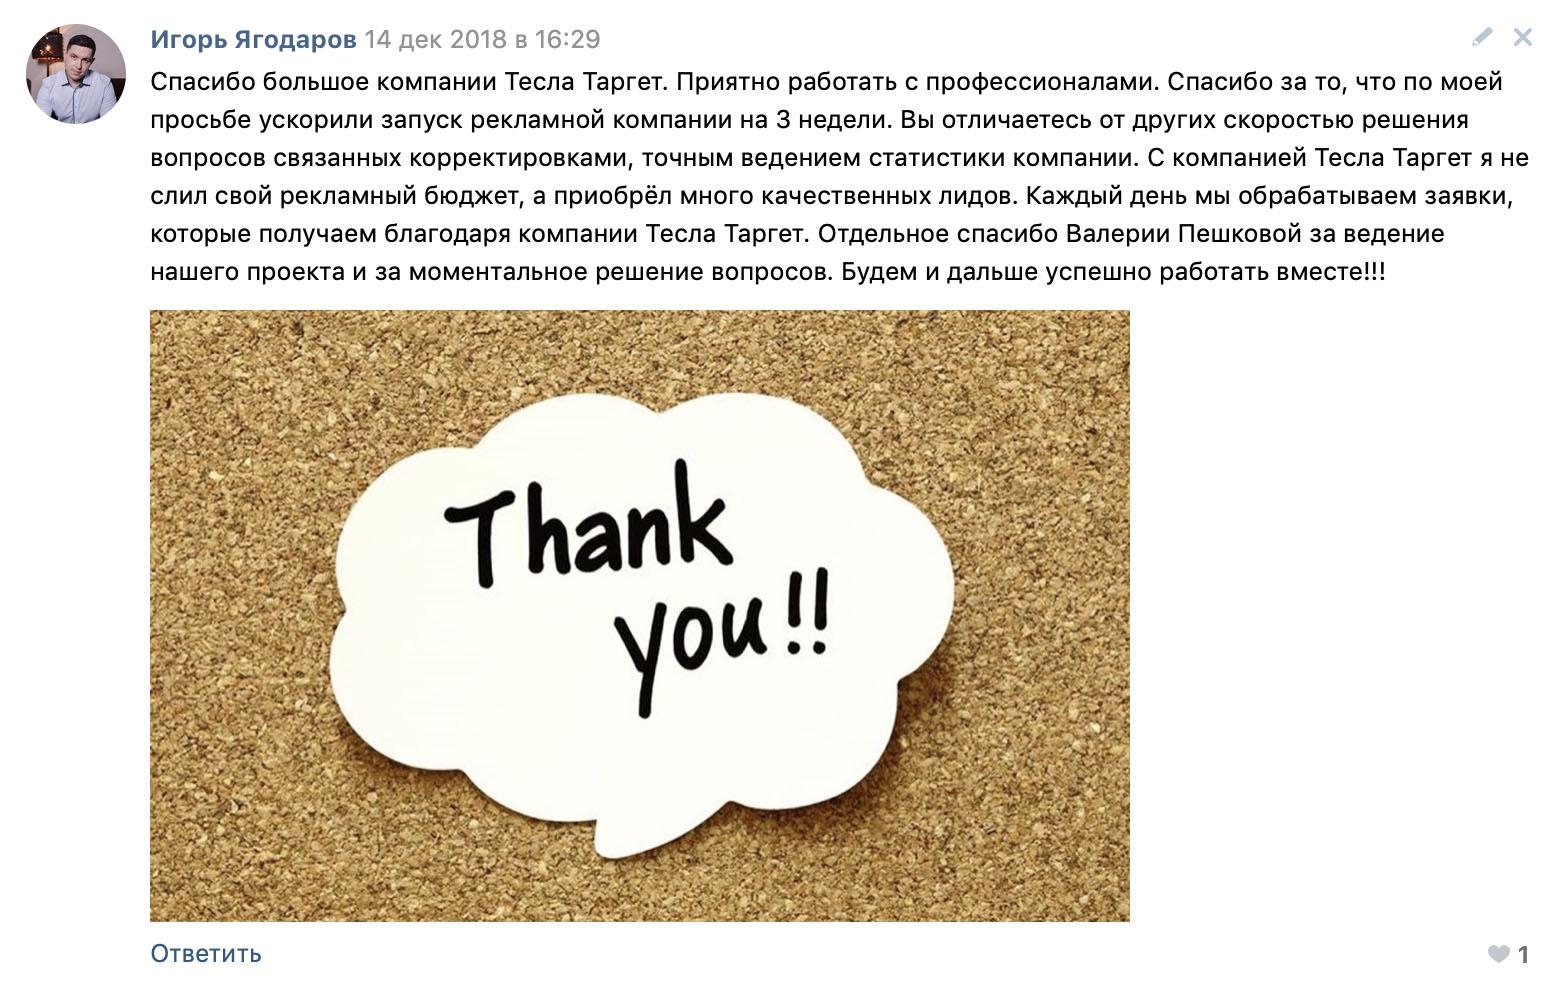 prodvizhenie-kuhni-na-zakaz-vkontakte-18